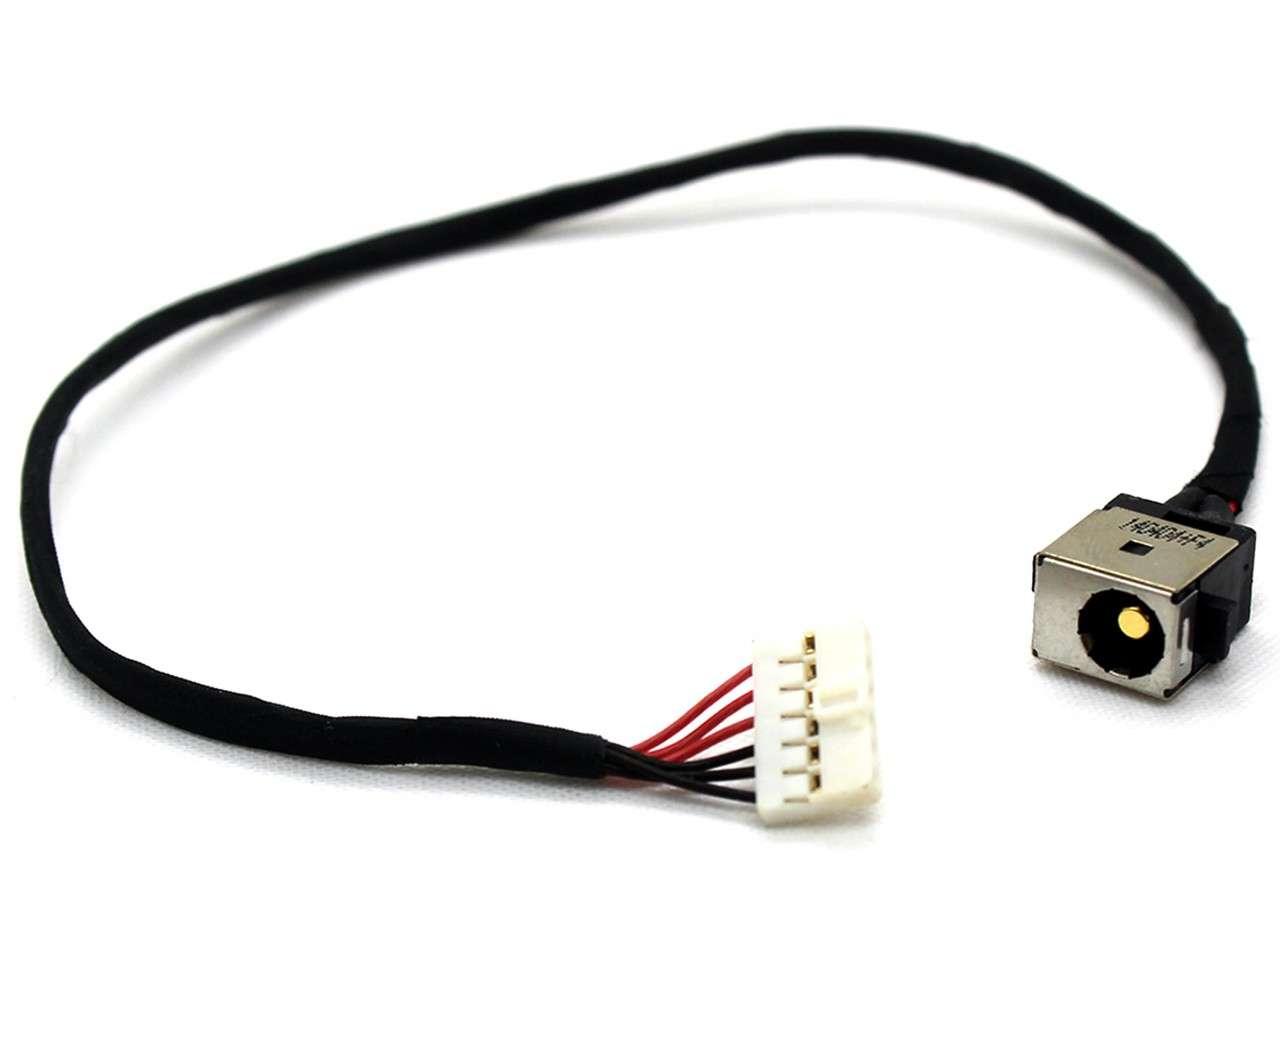 Mufa alimentare laptop Asus A56CB cu fir imagine powerlaptop.ro 2021